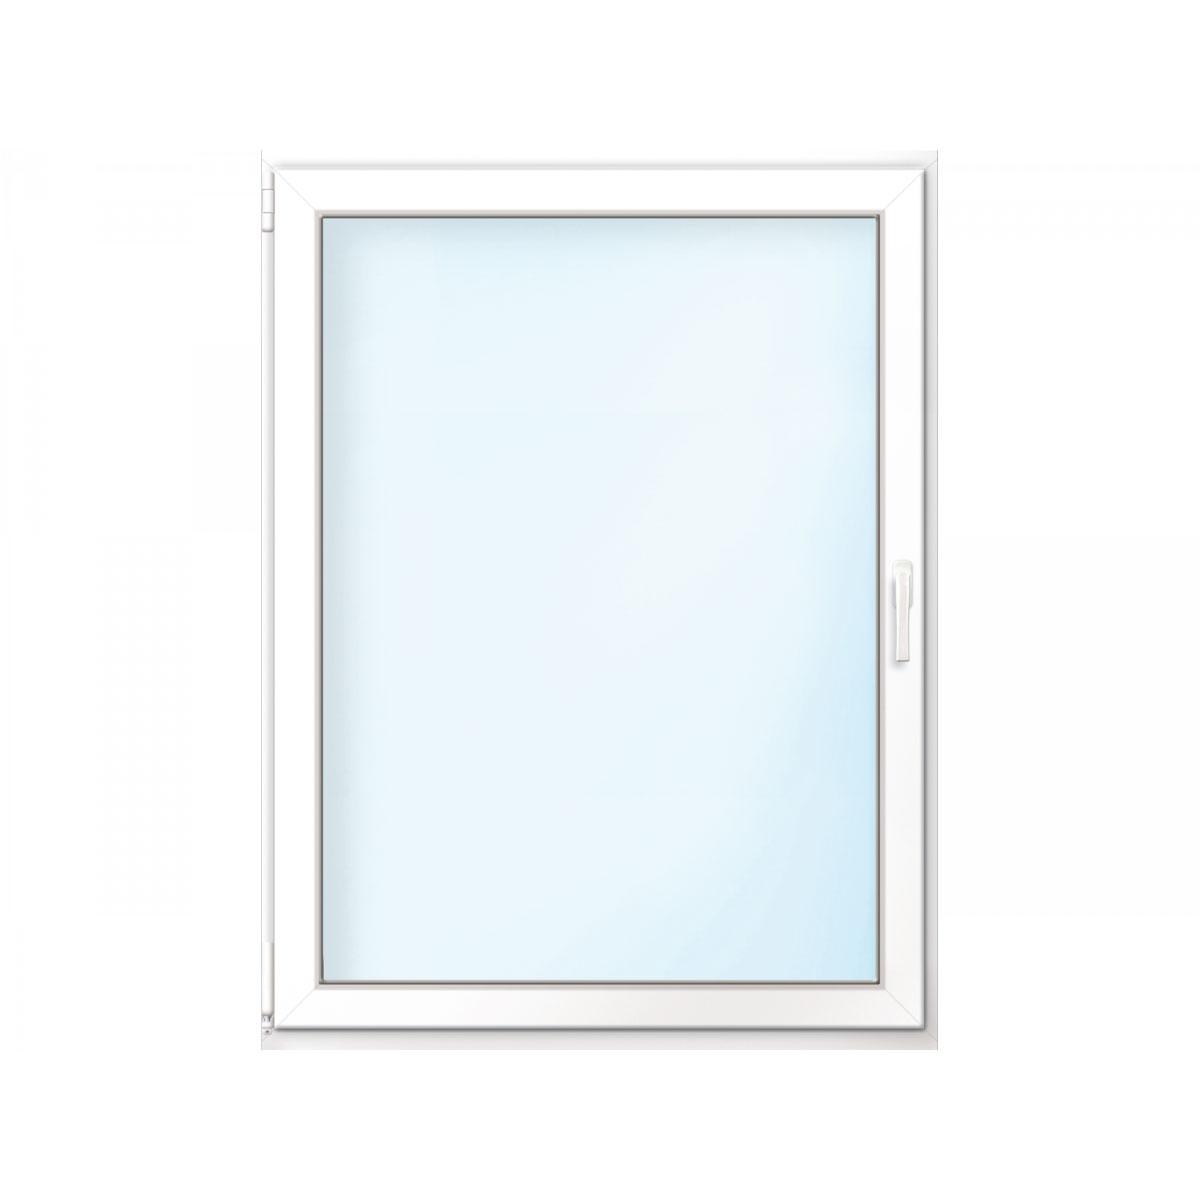 Fenster PVC 70/3 weiß/weiß Anschlag links 90x120 cm